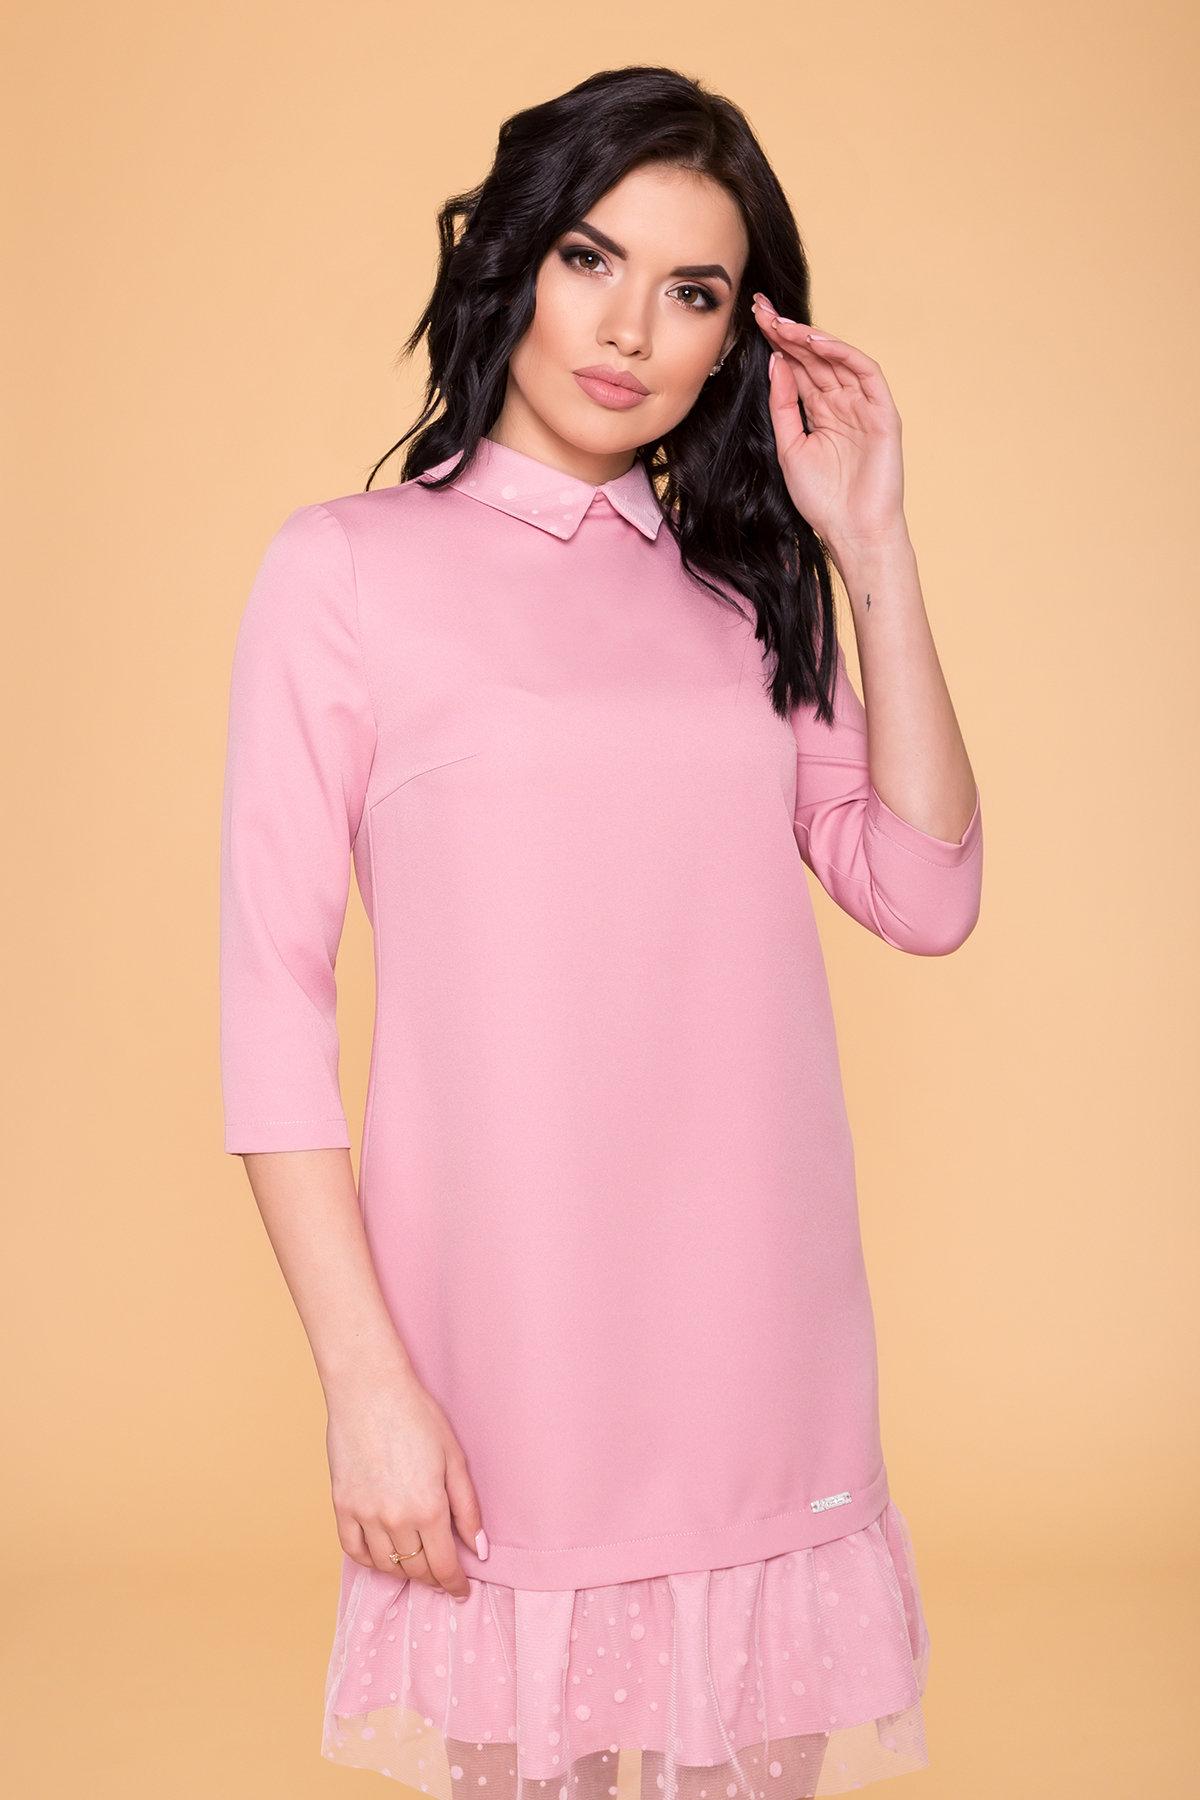 Платье Грейси 5949 АРТ. 41718 Цвет: Пудра 15 - фото 3, интернет магазин tm-modus.ru